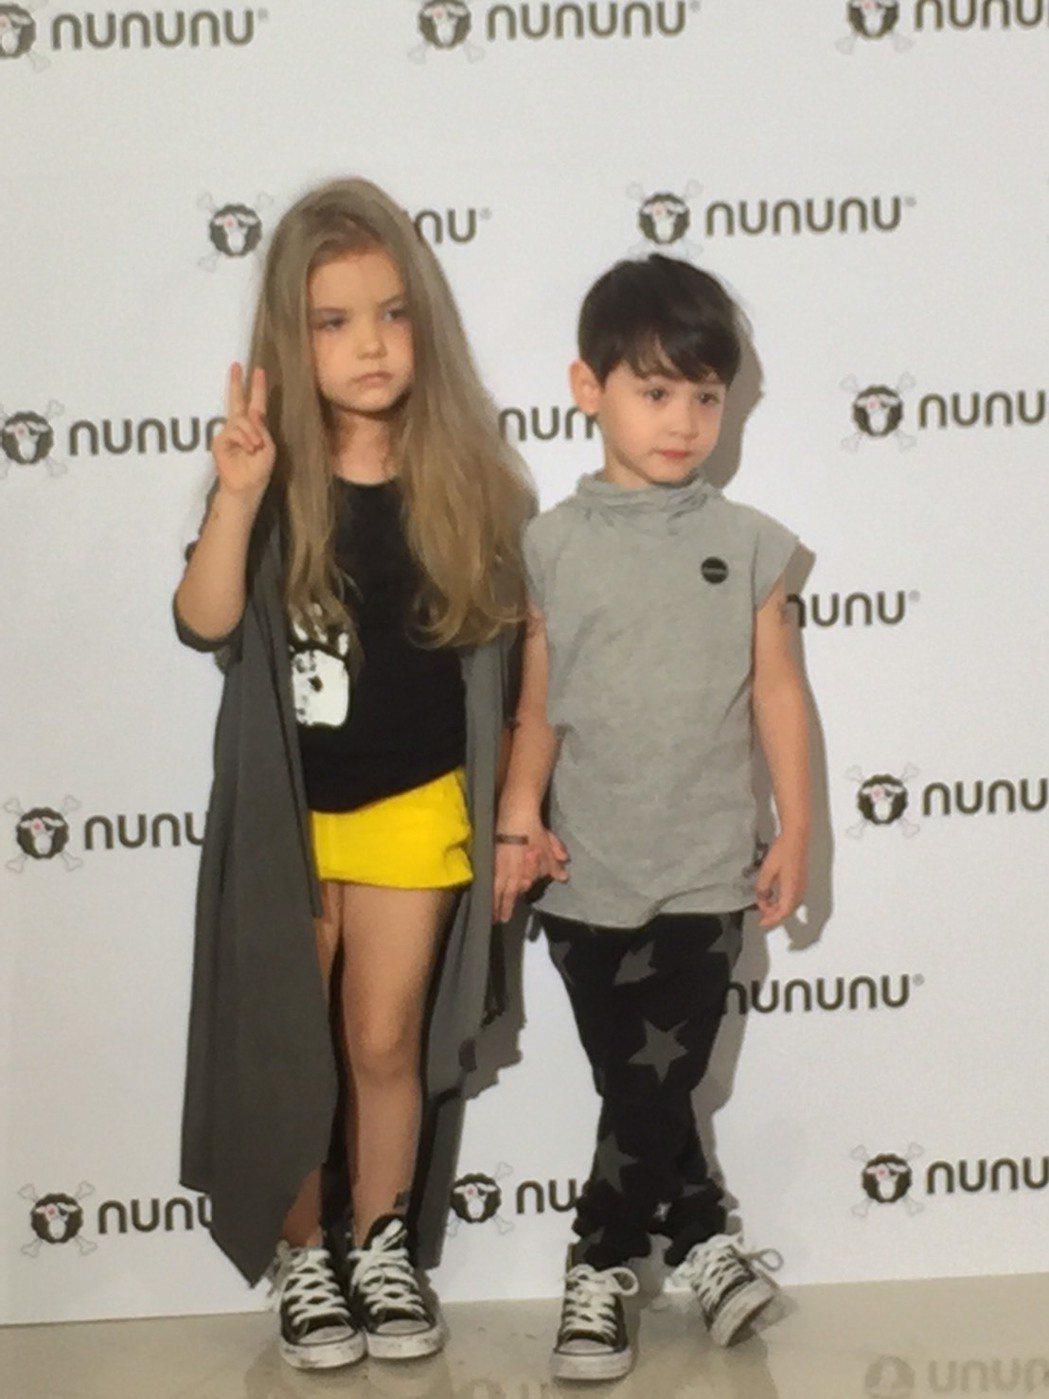 瑞莎引進NUNUNU童裝,風格帶有一點酷。記者陶福媛/攝影